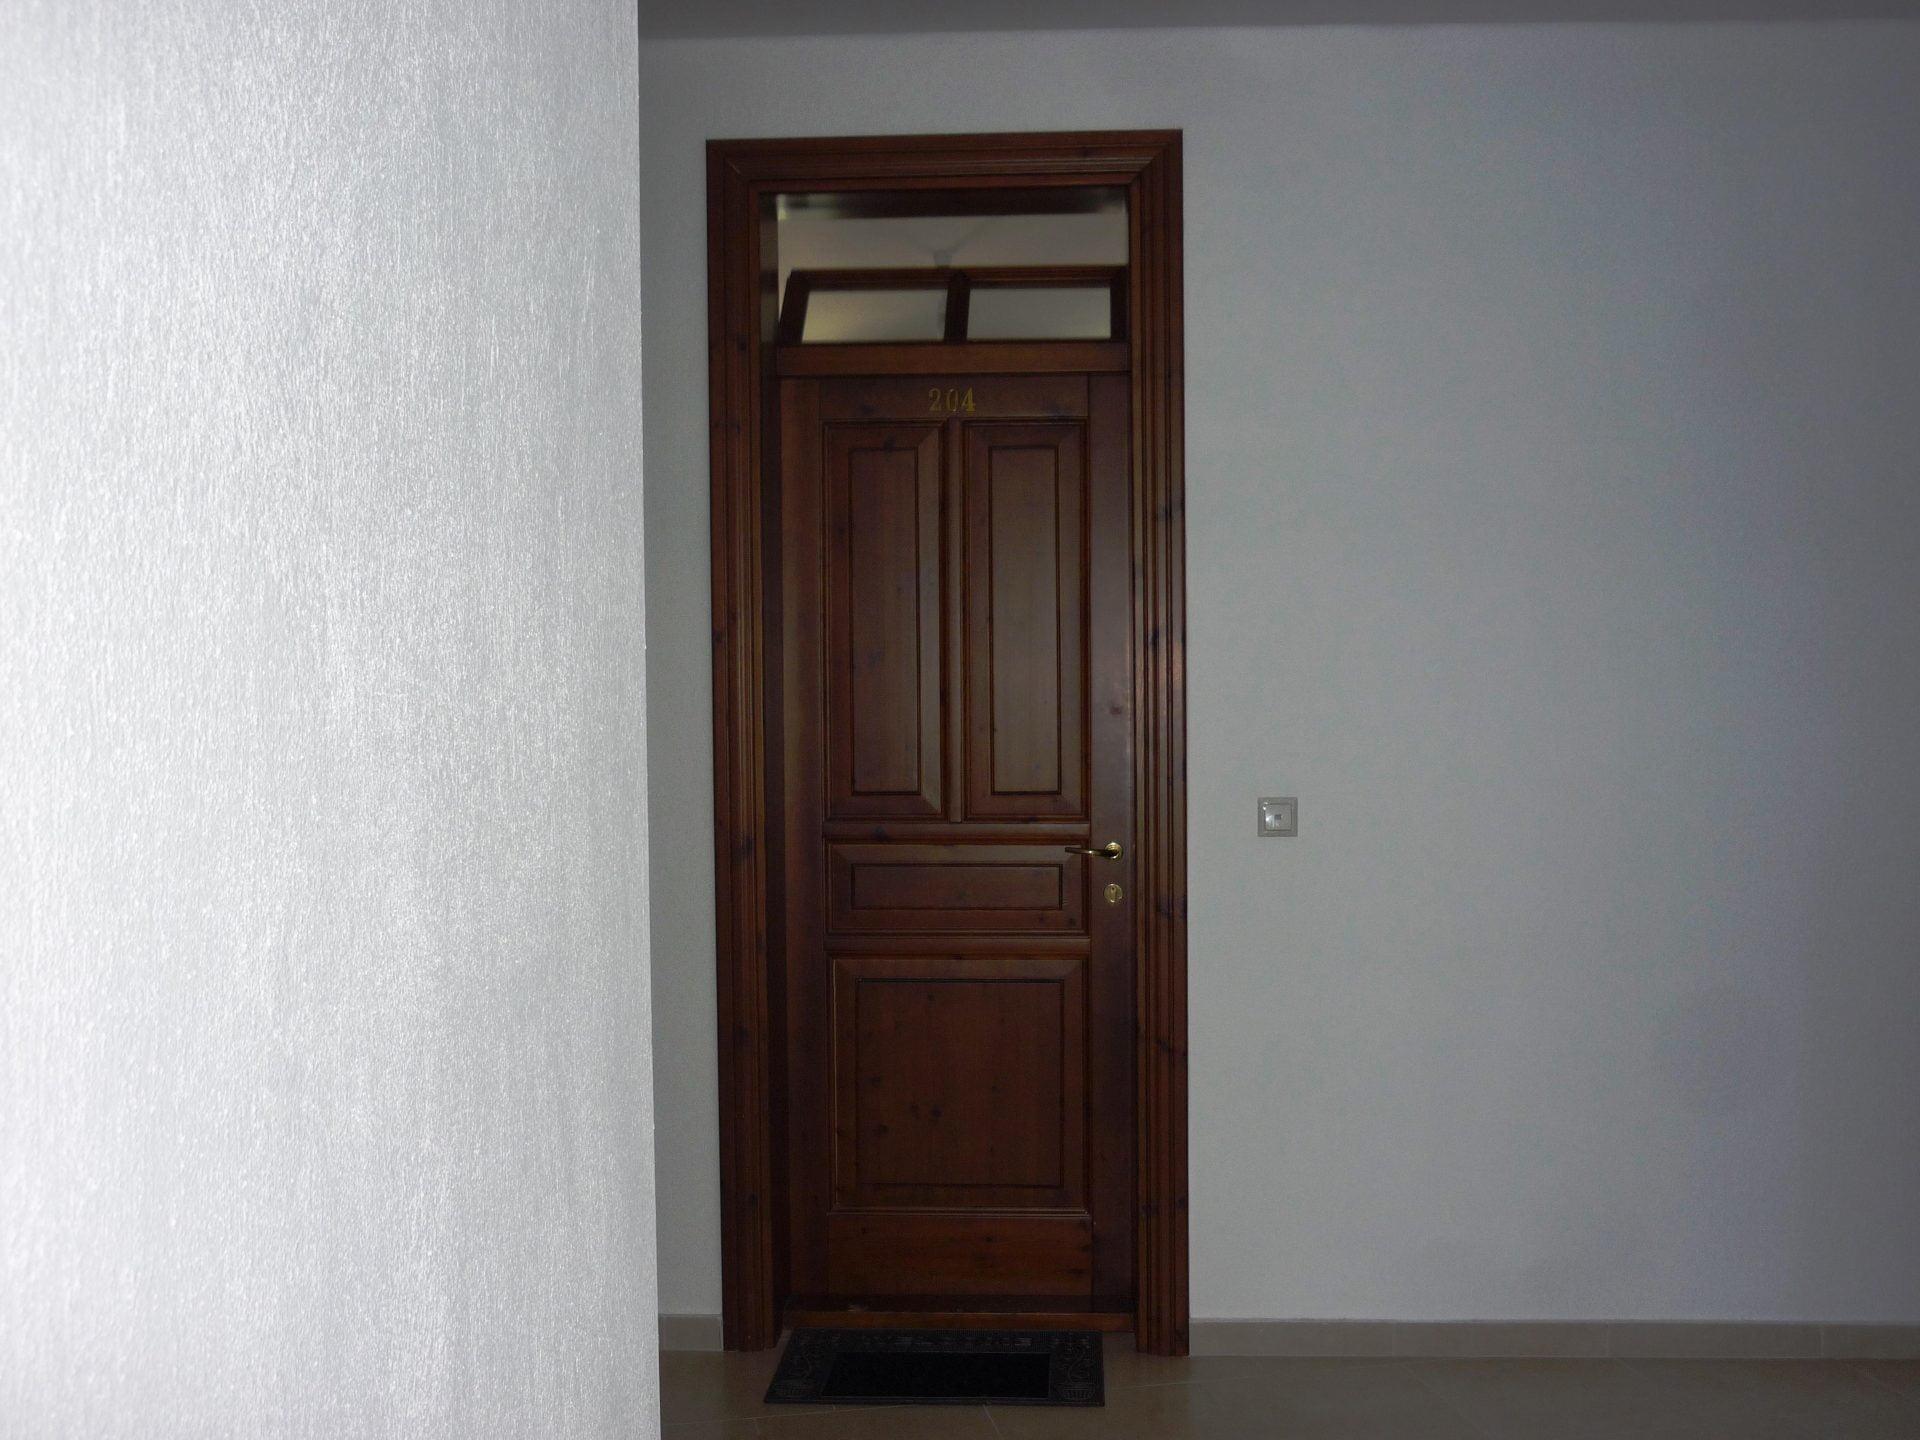 Ταμπλαωτή εσωτερική πόρτα με φεγγίτη